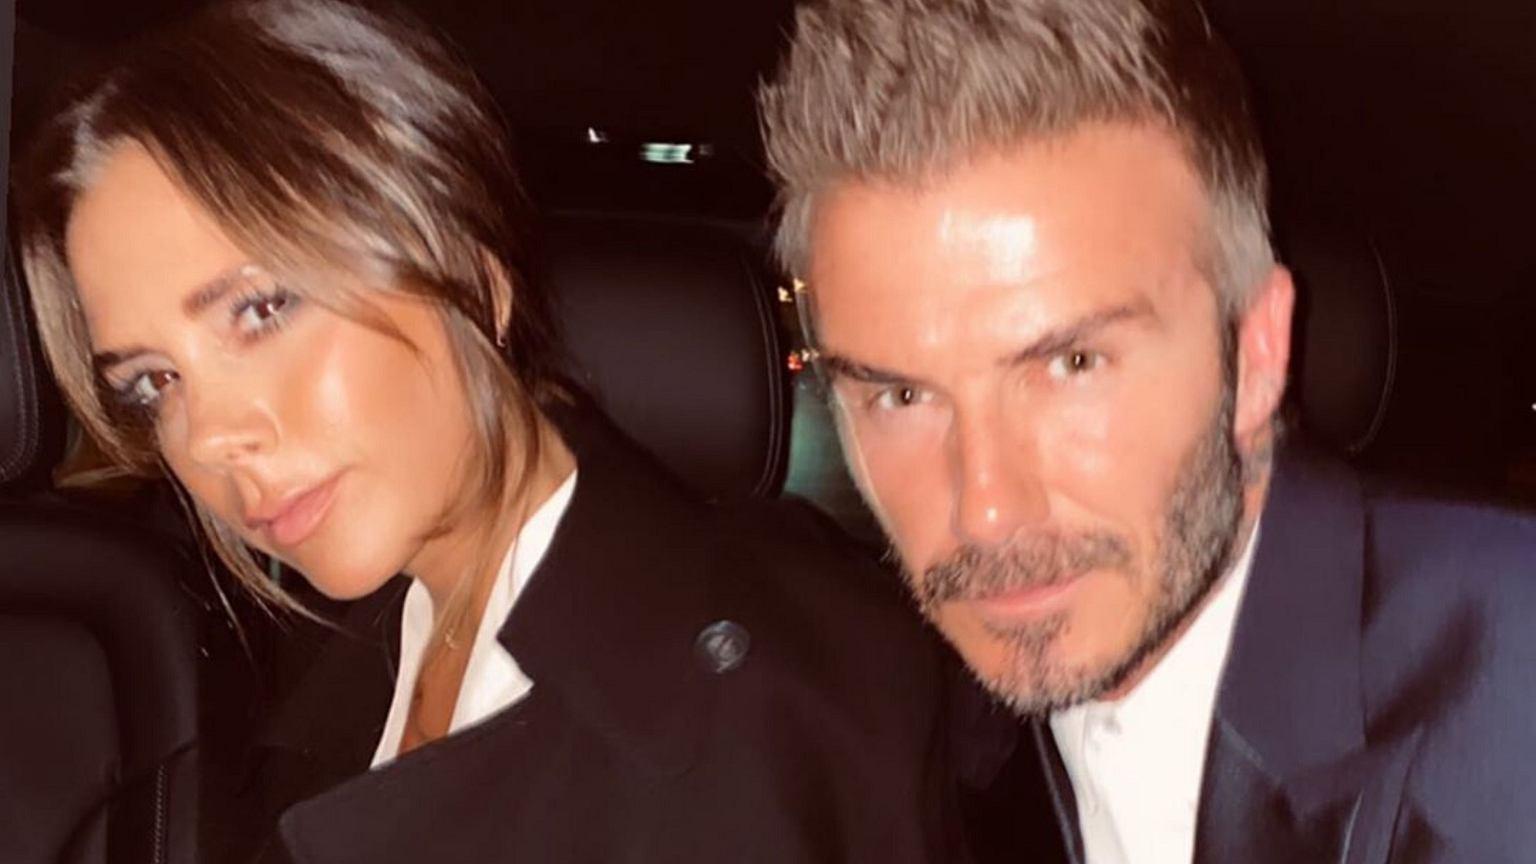 Victoria i David Beckham wybrali się do Paryża. Projektantka założyła tak ciasne spodnie, że mąż musiał jej wiązać buty. Nie był z tego zadowolony